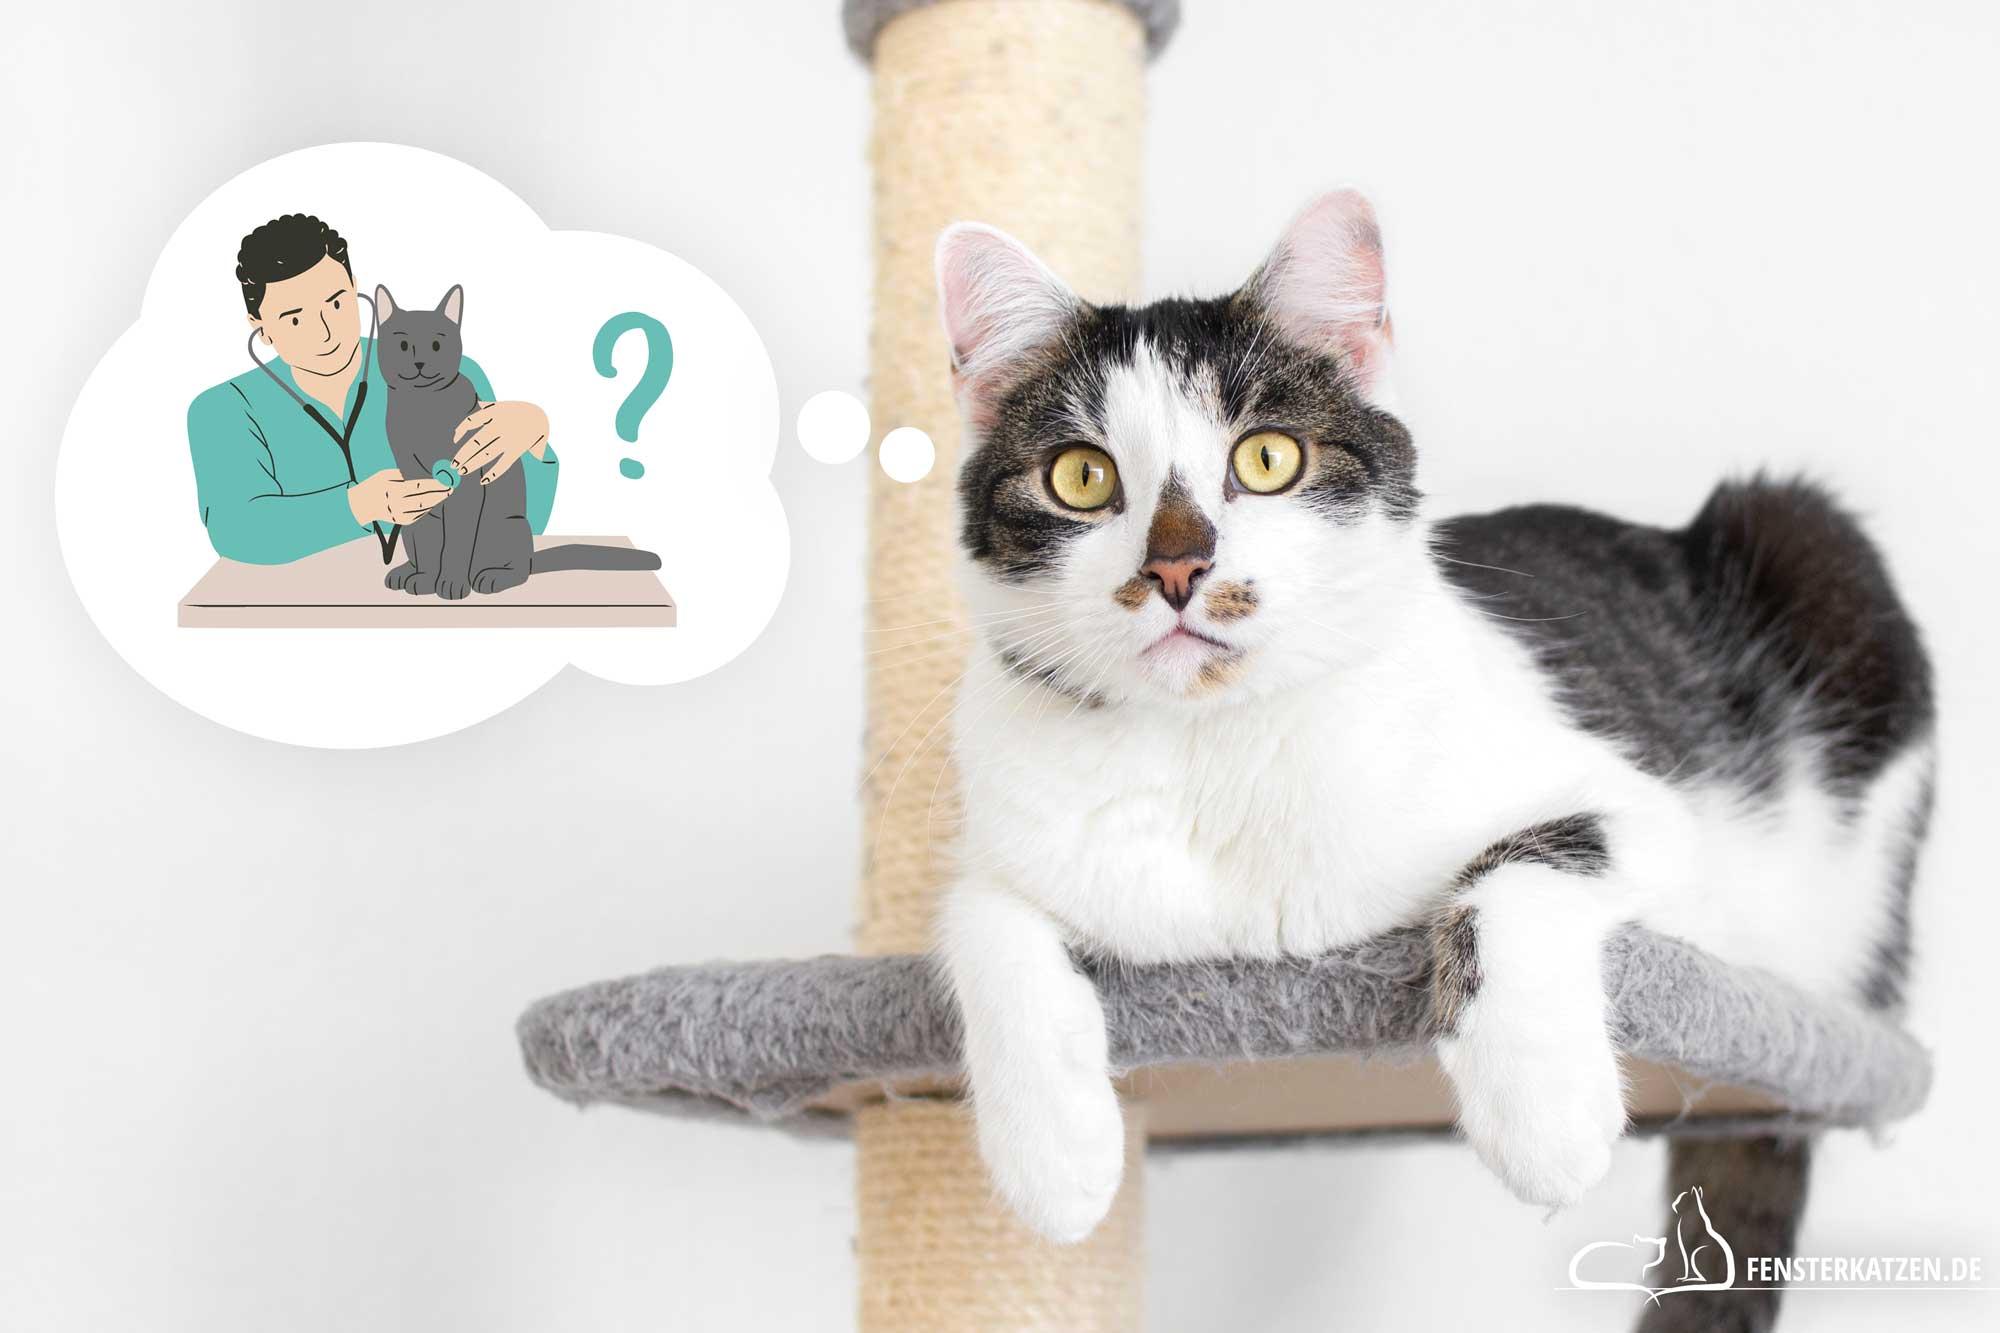 Fensterkatzen-Wahl-des-Tierarztes-Wie-finde-ich-einen-guten-Tierarzt-Titelbild